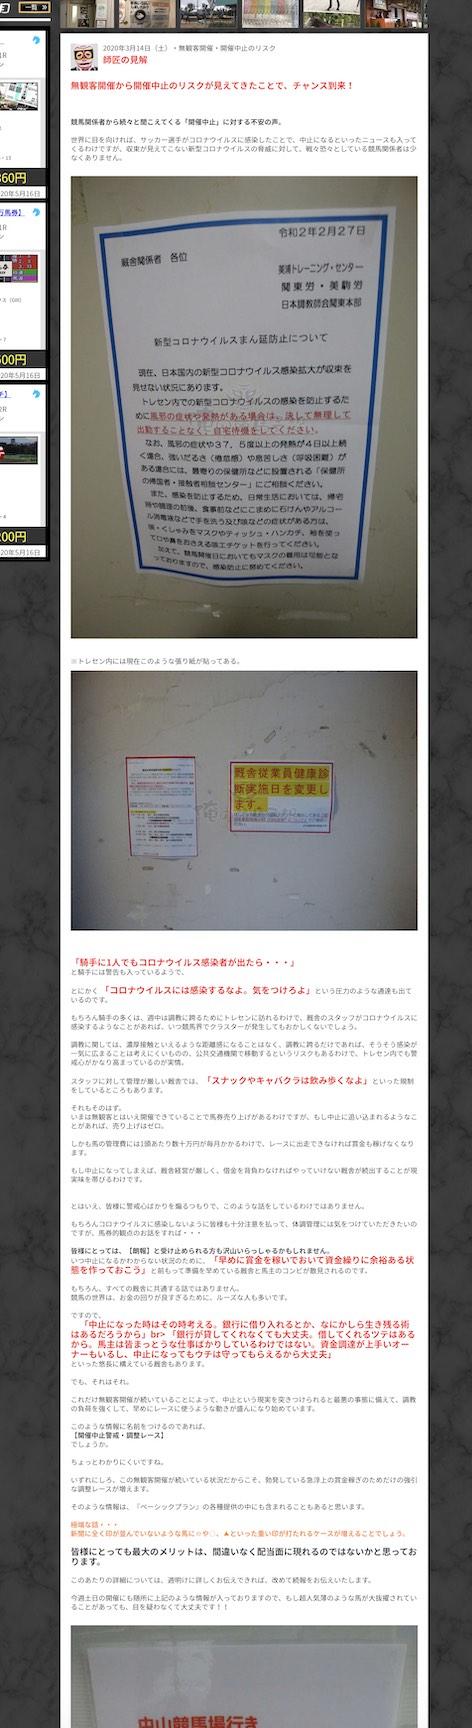 俺の競馬予想という競馬予想サイトの師匠のブログにて公開された美穂トレセンの新型コロナウイルスまん延防止対策の張り紙